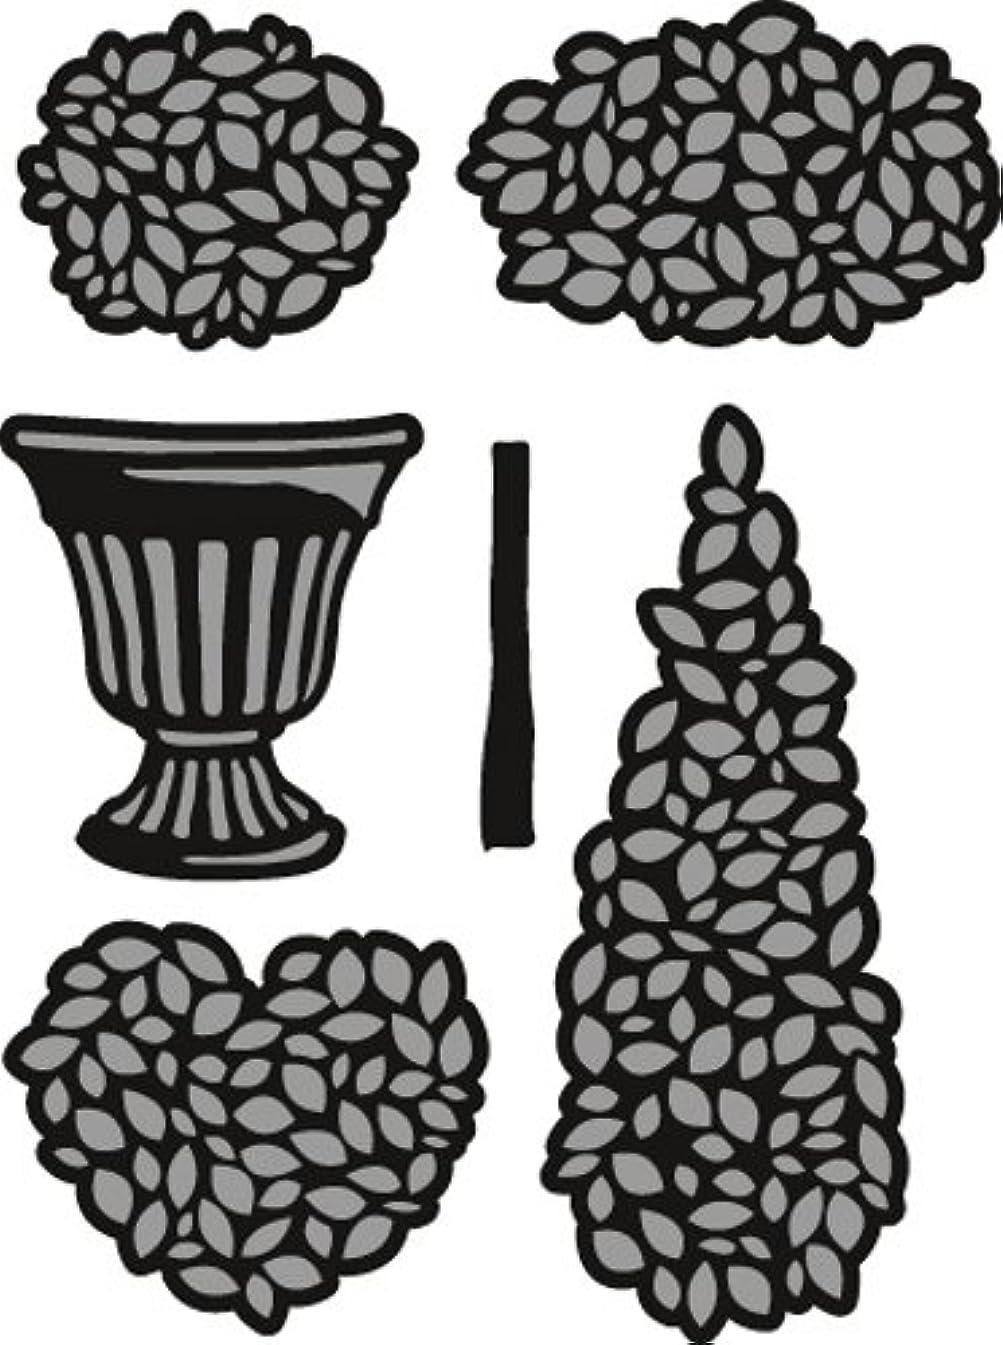 Marianne Design Craftable Dies - Craftable Die Topiary Set